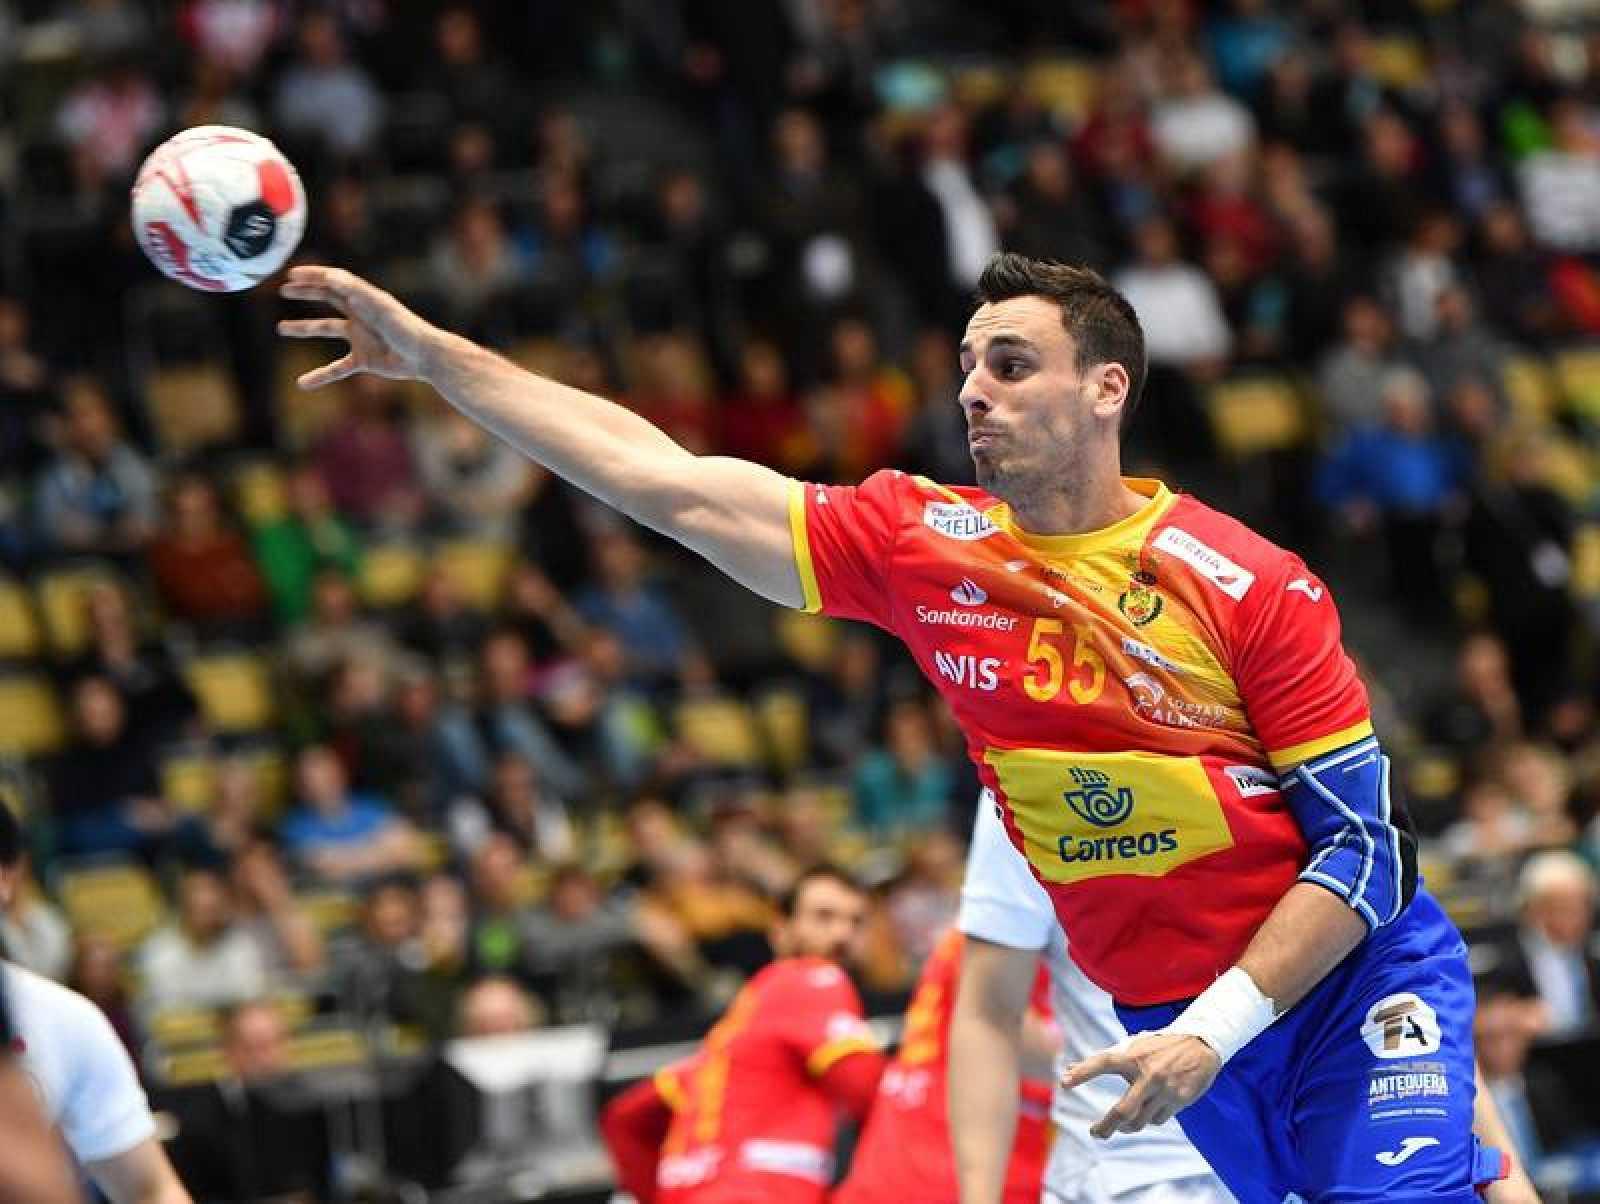 Campeonato Mundial de Balonmano Masculino IHF 2019